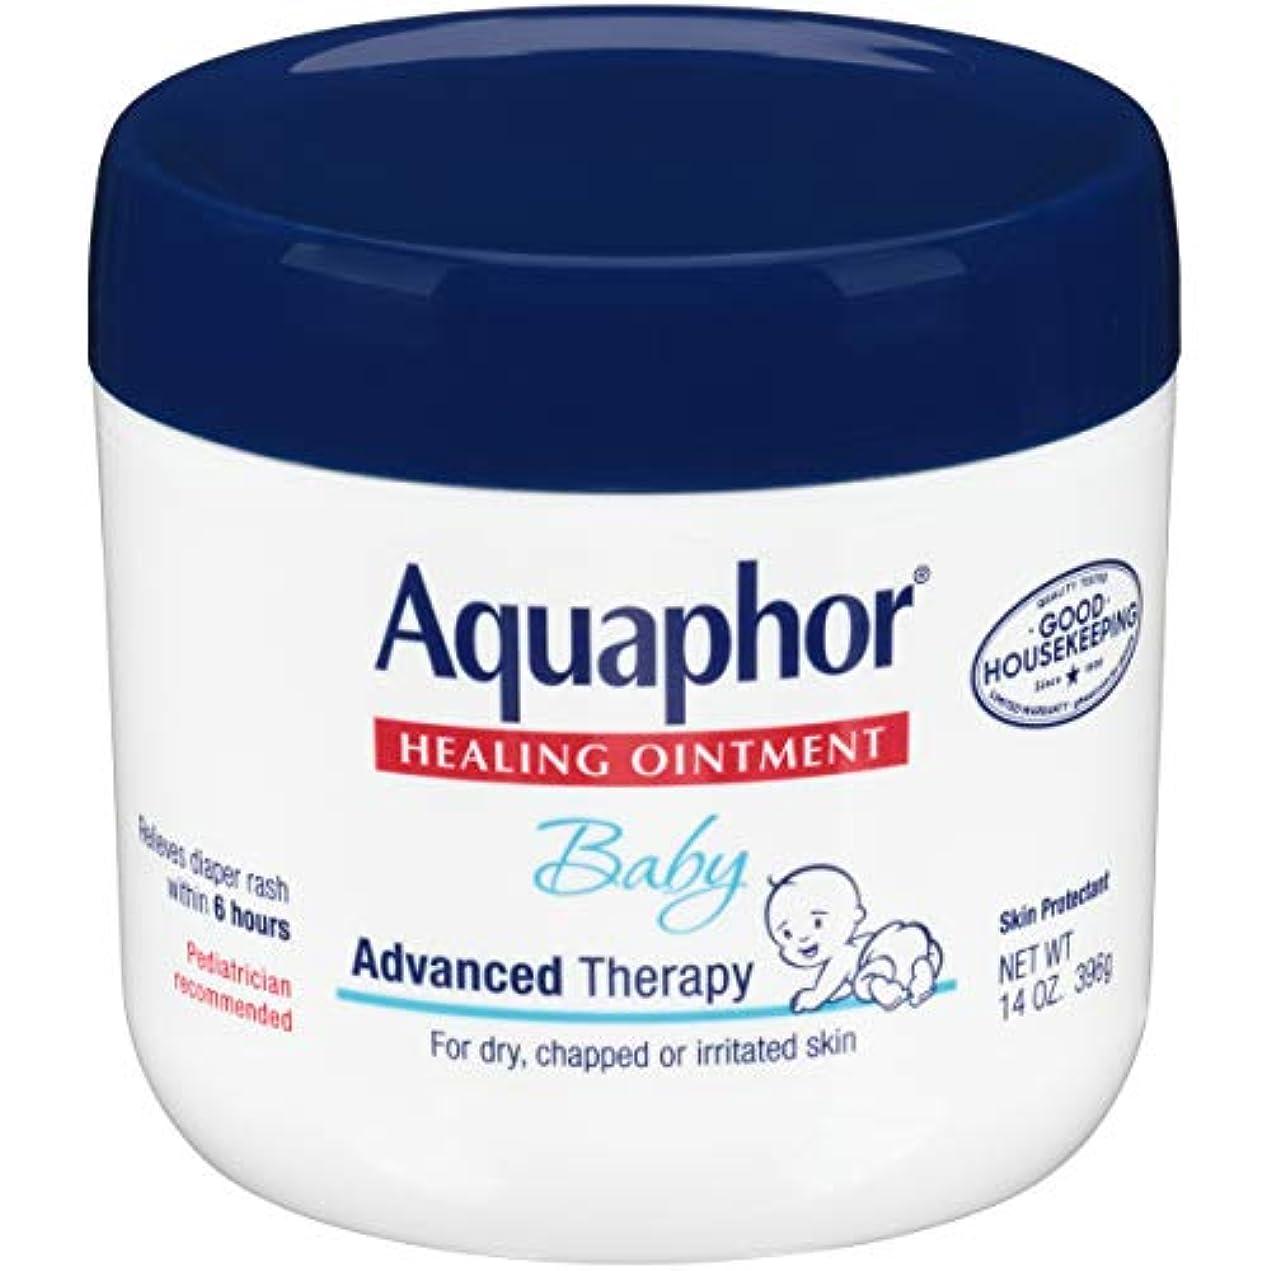 チャップ弾丸甲虫Aquaphor Baby Healing Ointment Advanced Therapy Skin Protectant